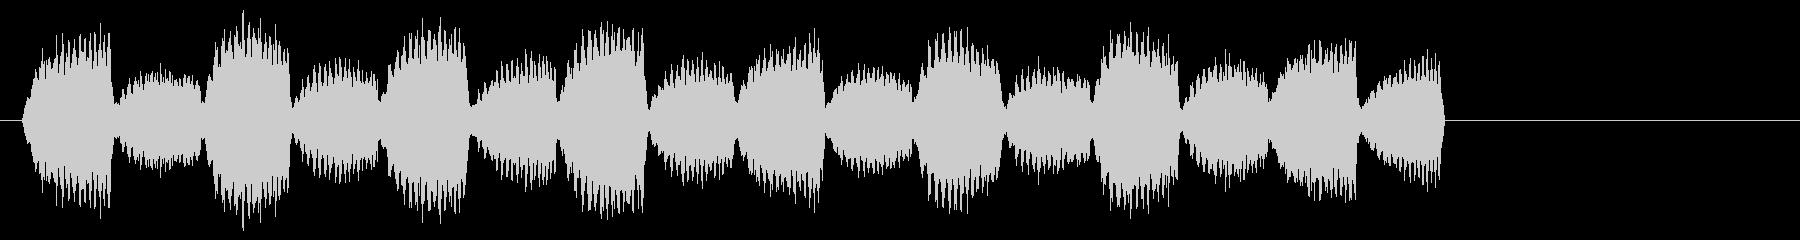 SF/レーダー/フィンフィン/その1の未再生の波形